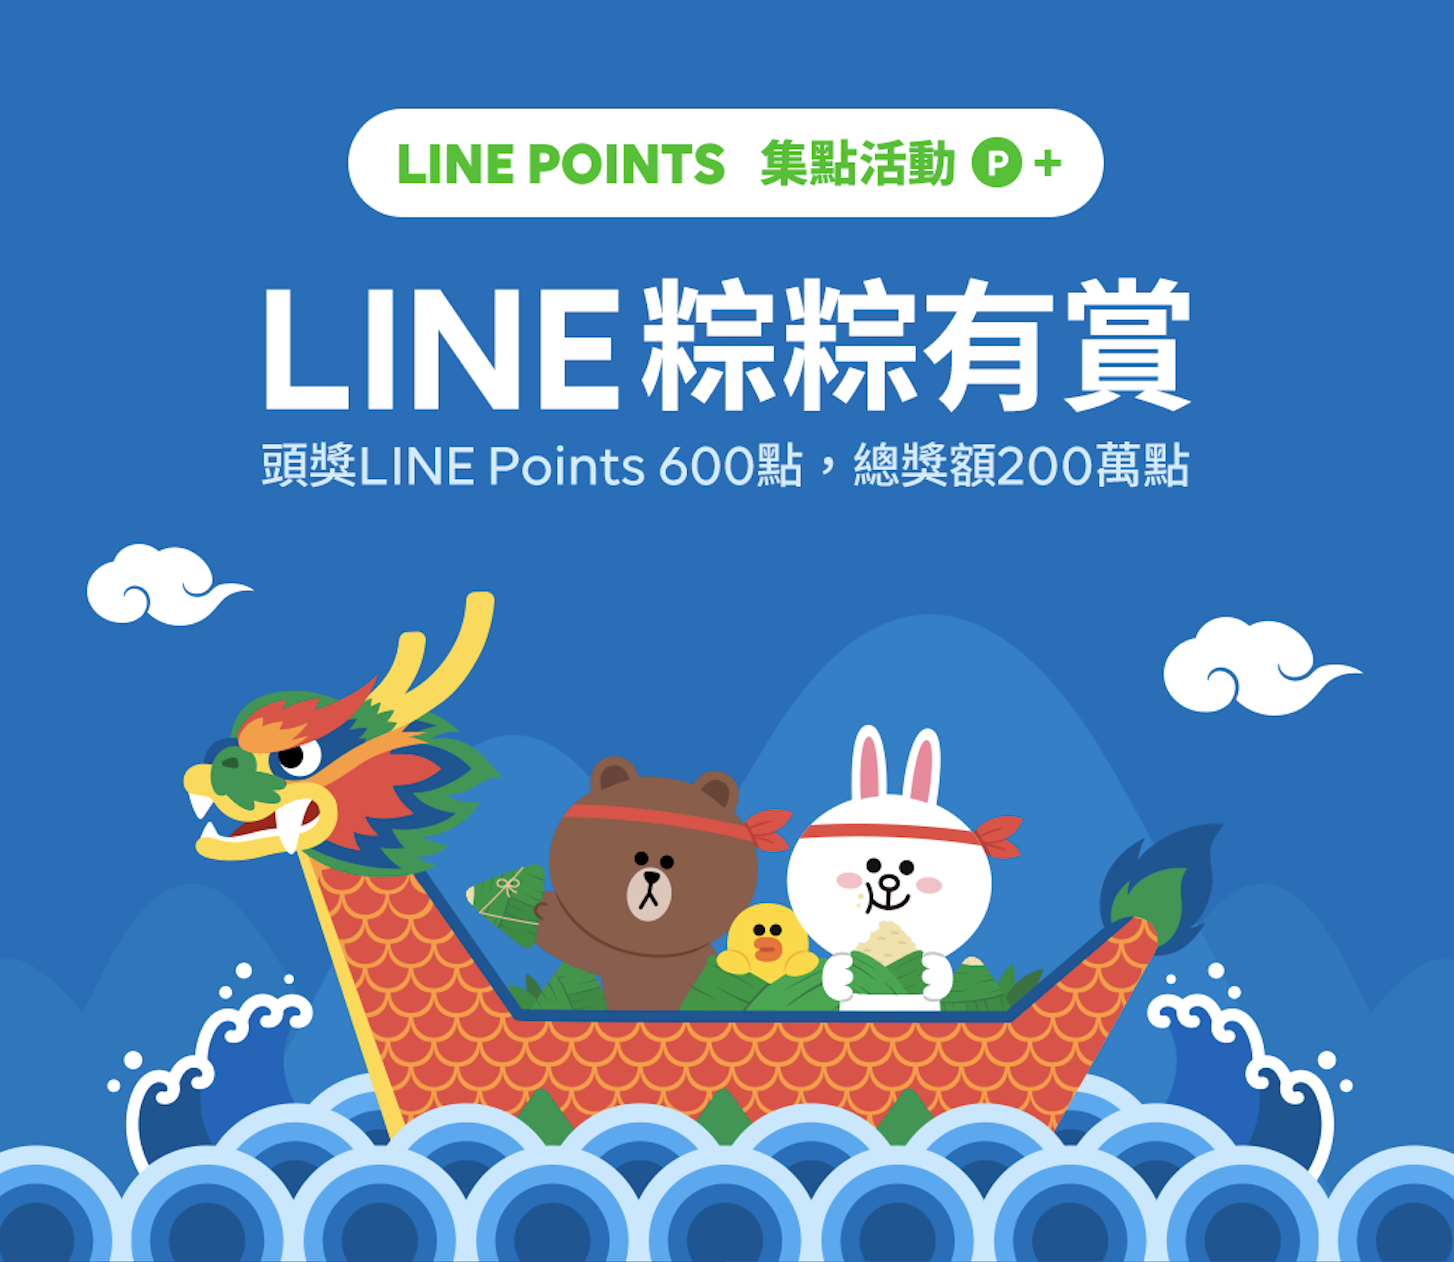 粽粽有賞!LINE推端午限定活動 將送出LINE Points 200萬點